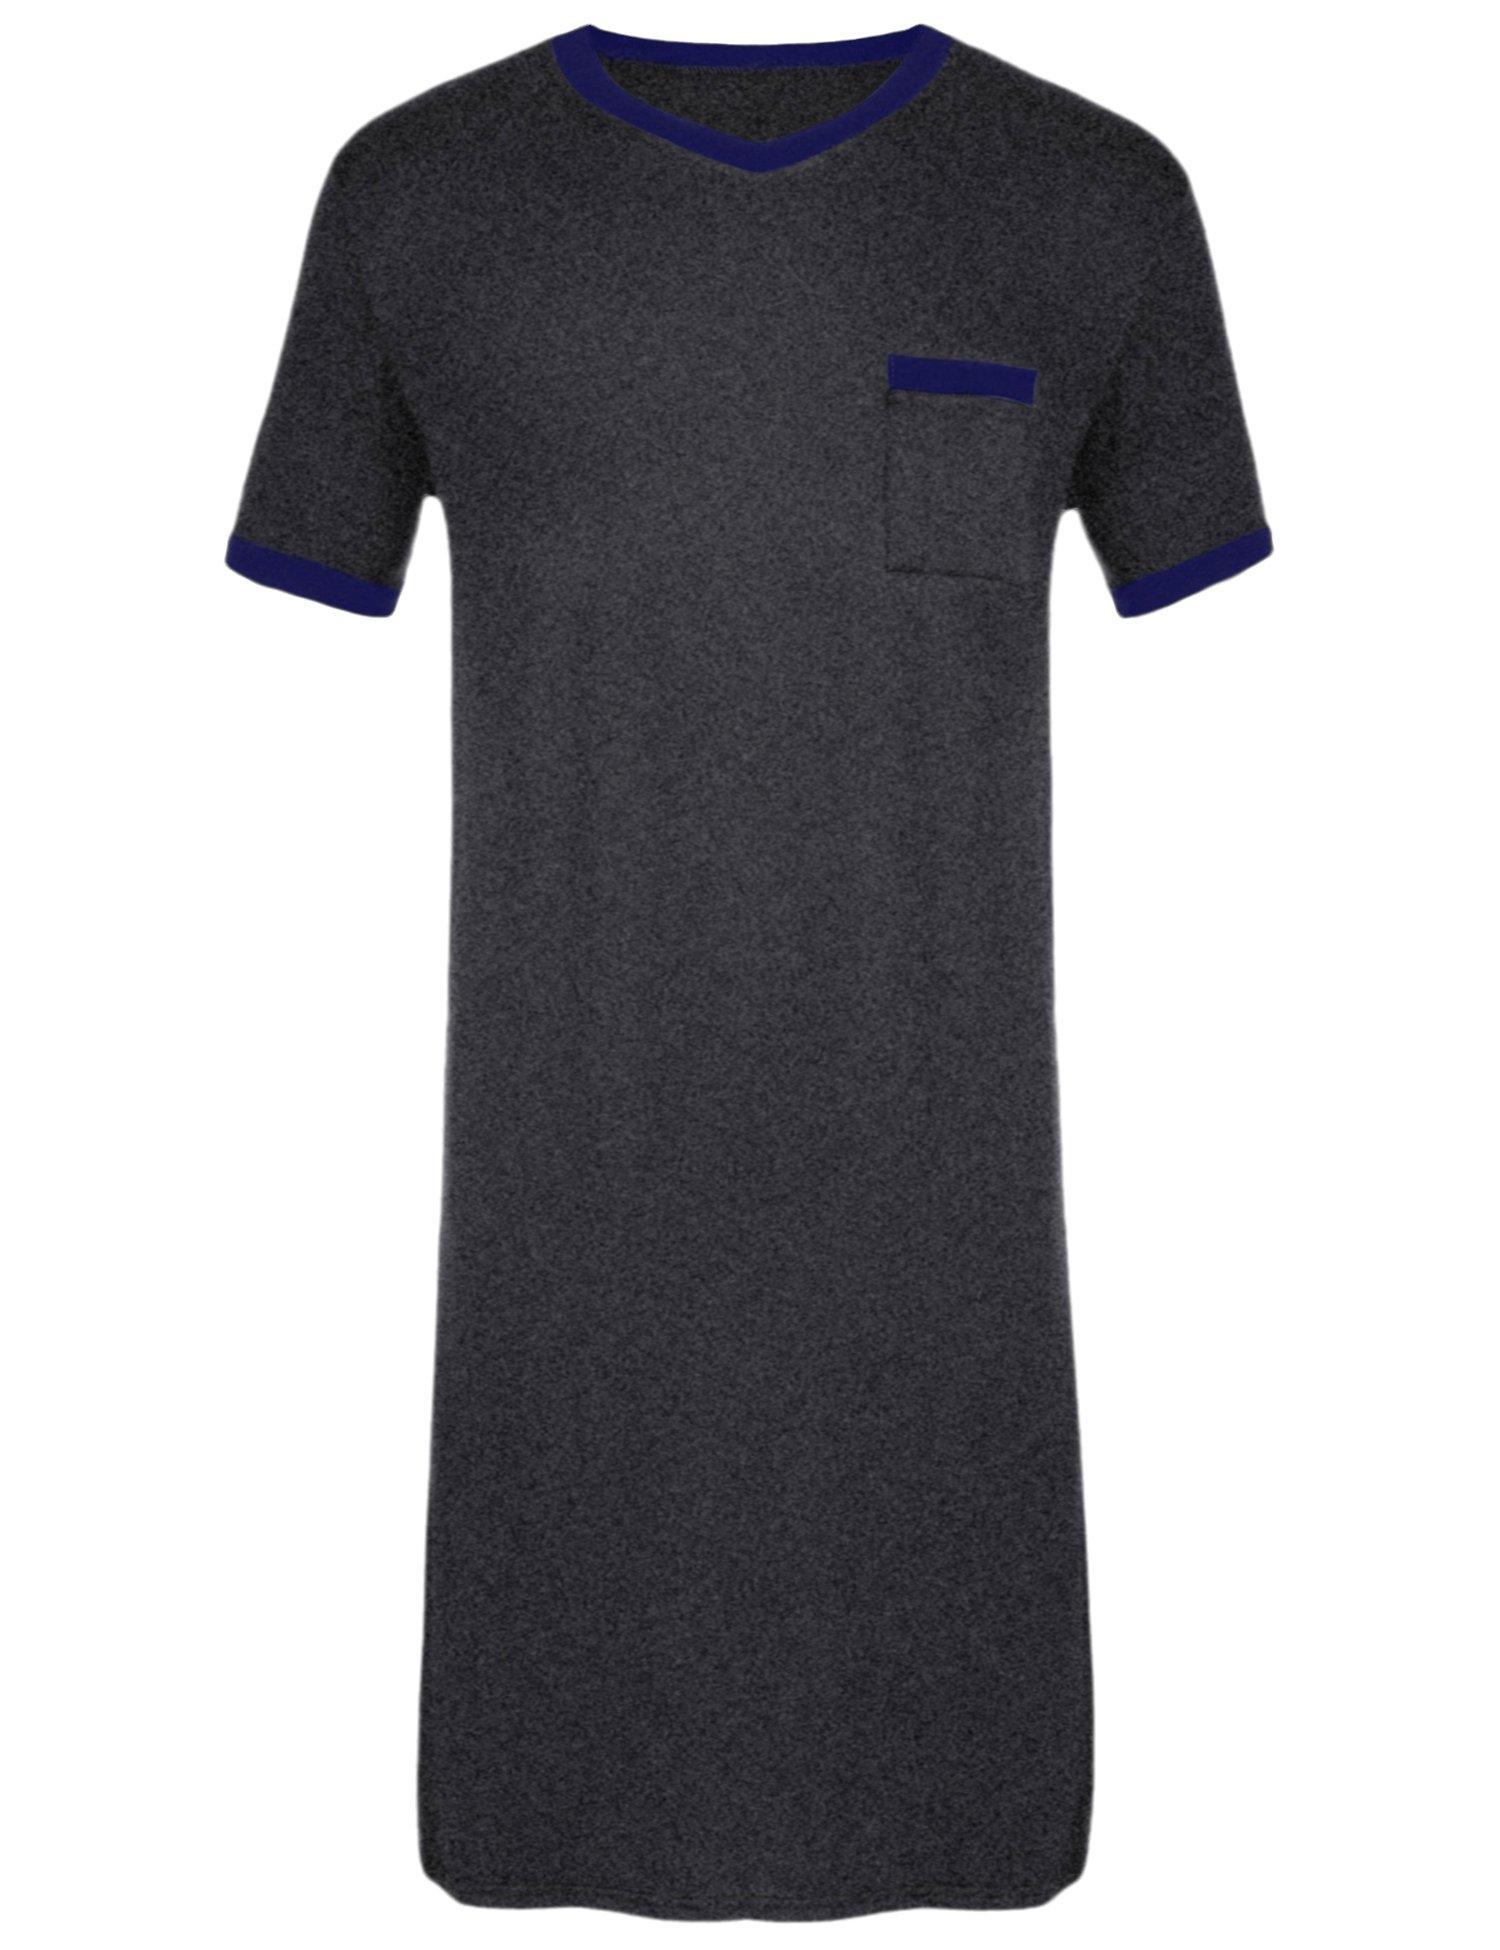 Ekouaer Mens Cotton Nightshirt Big & Tall Stripe Henley Sleep Shirt Sleepwear,Dark Grey-6717,XX-Large by Ekouaer